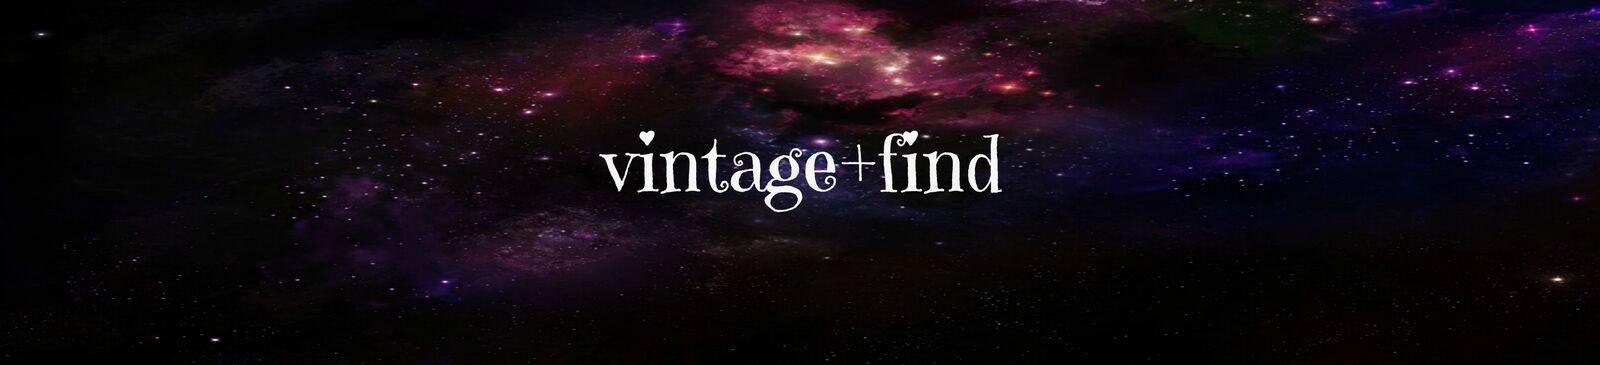 vintage+find